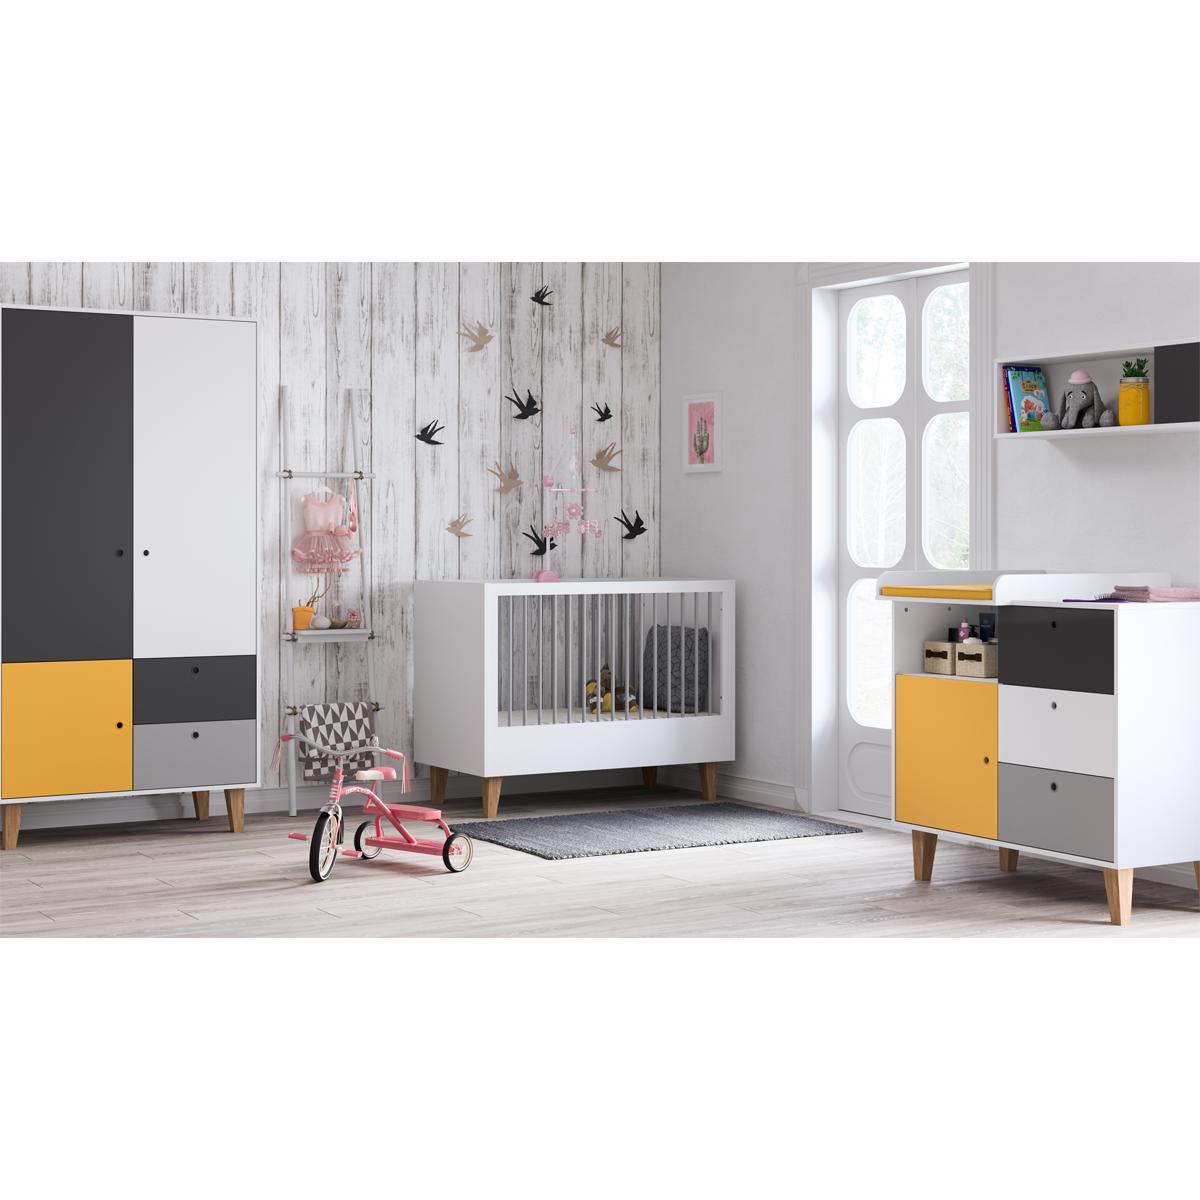 Chambre complète lit bébé 60x120 - commode à langer - armoire 2 portes Vox Concept - Jaune